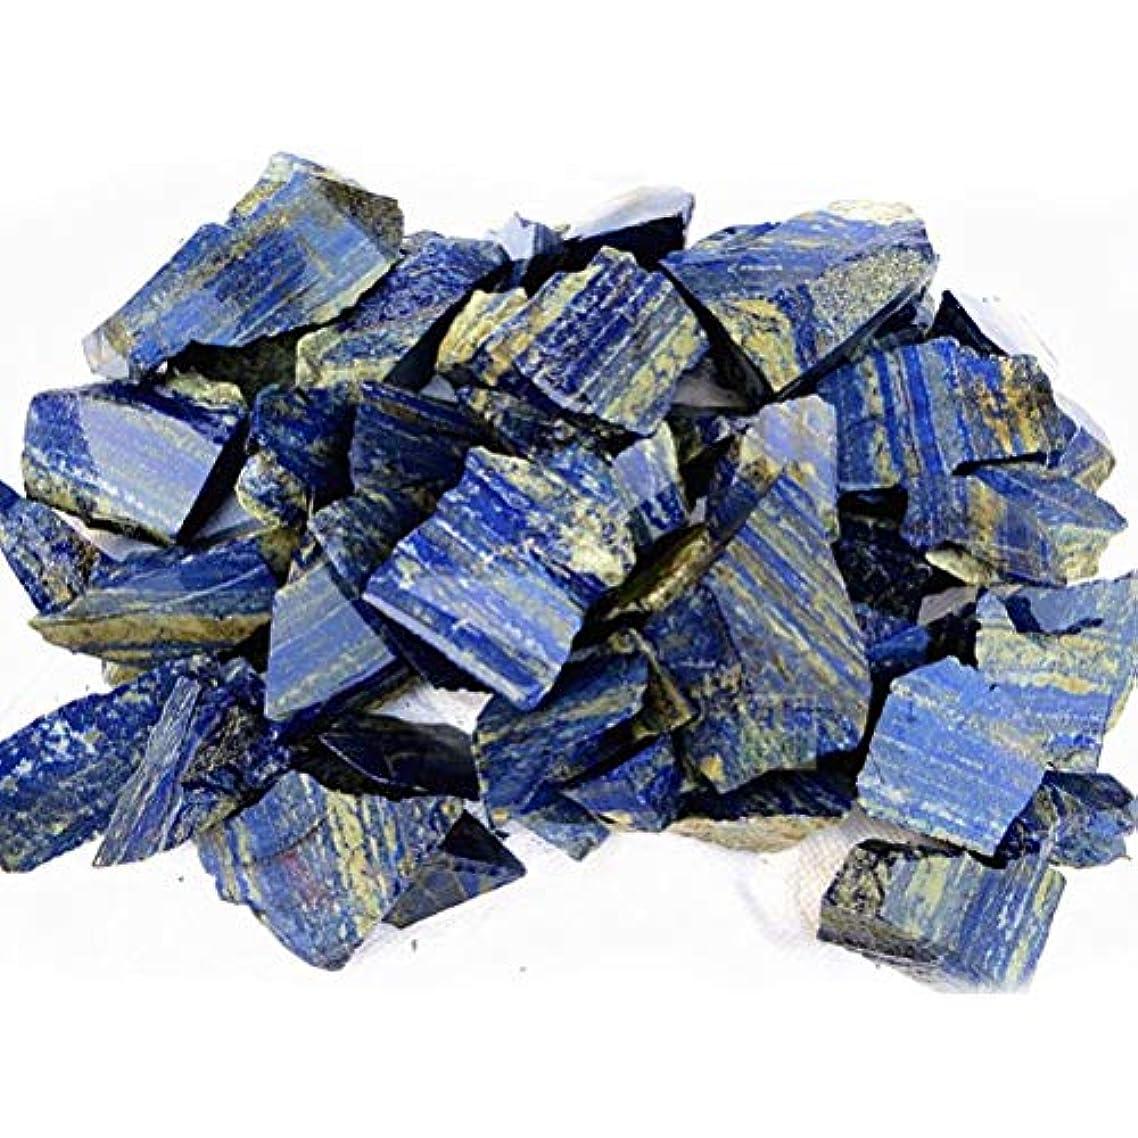 コマンド無視施しVosarea 100グラムナチュラルラピスラズリタンブルストーンヒーリングレイキクリスタルジュエリー作りホームデコレーションdiy材料宝石石